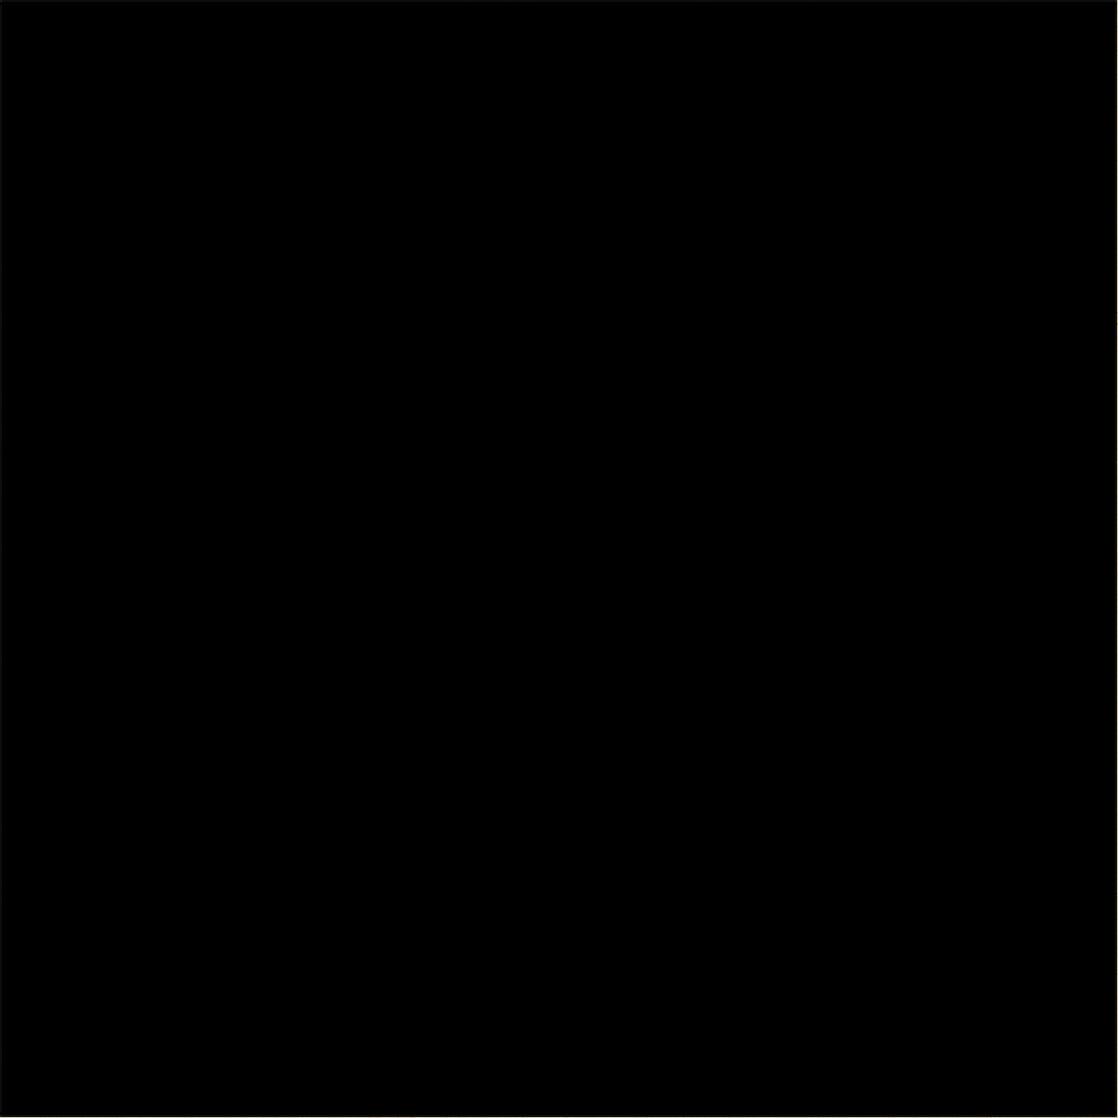 Gạch lát nền 60x60 Viglacera B6099 giá rẻ